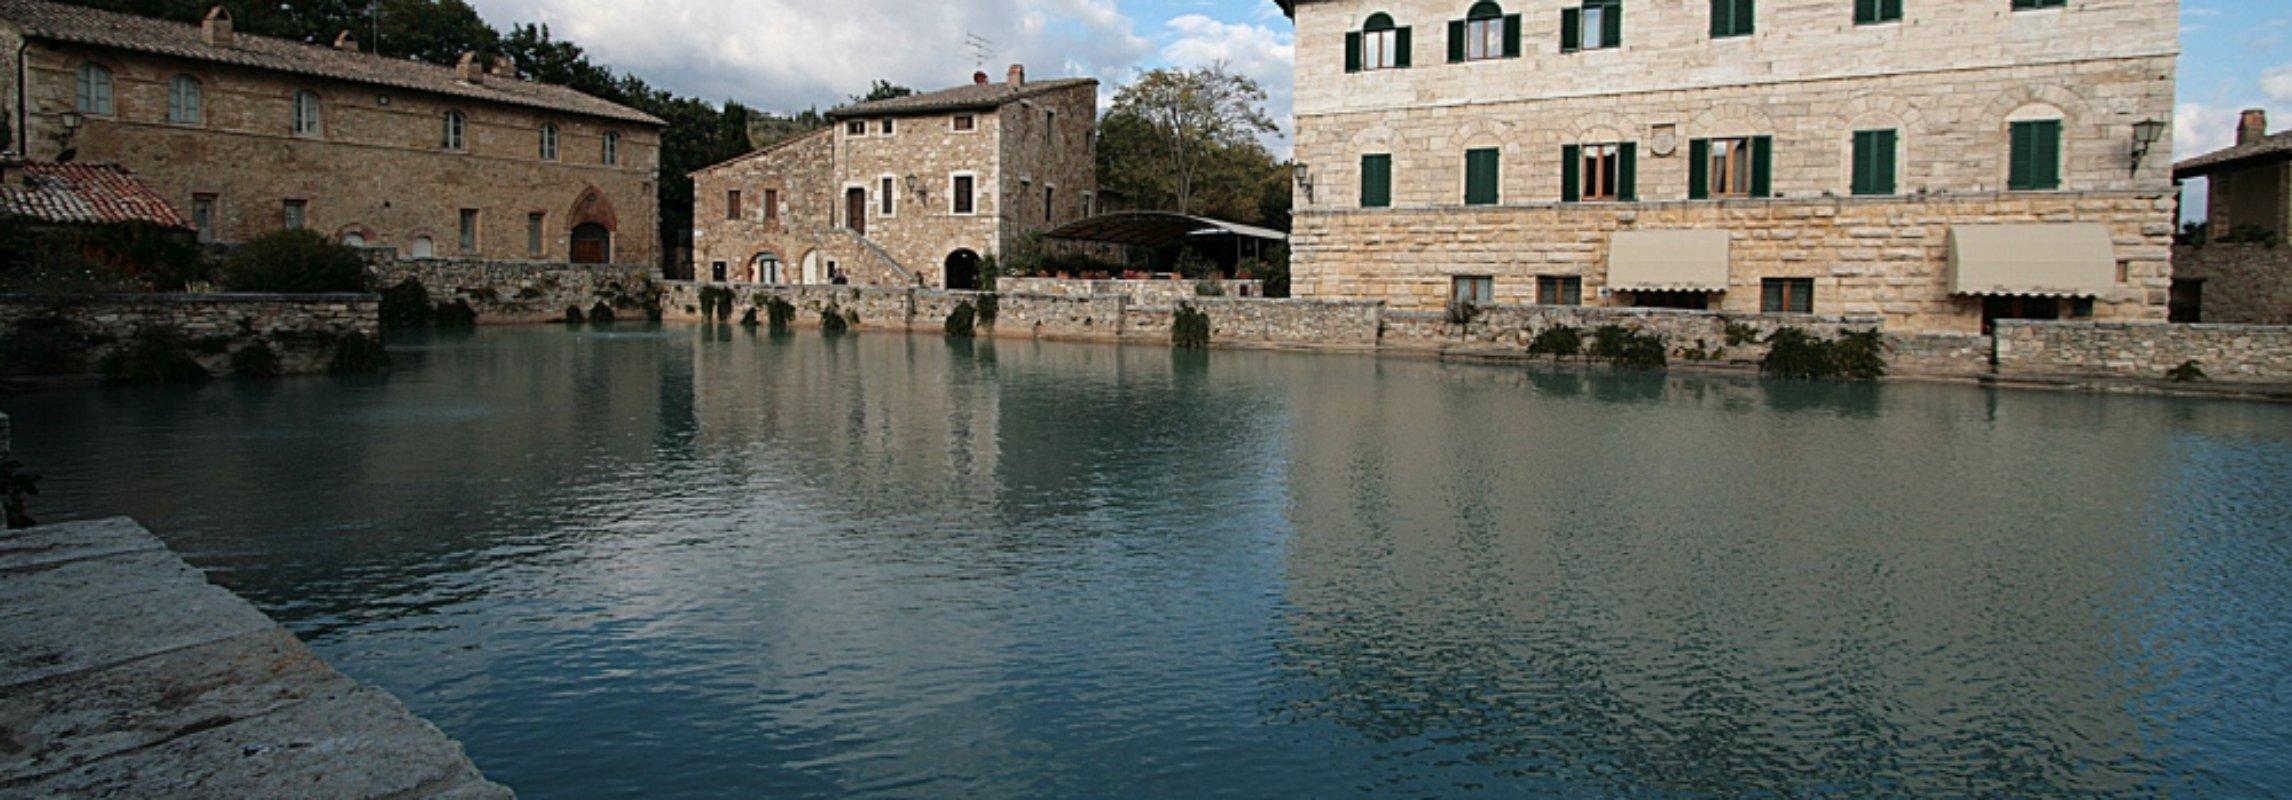 Terme di bagno vignoni visit tuscany - Bagno vignoni terme naturali ...